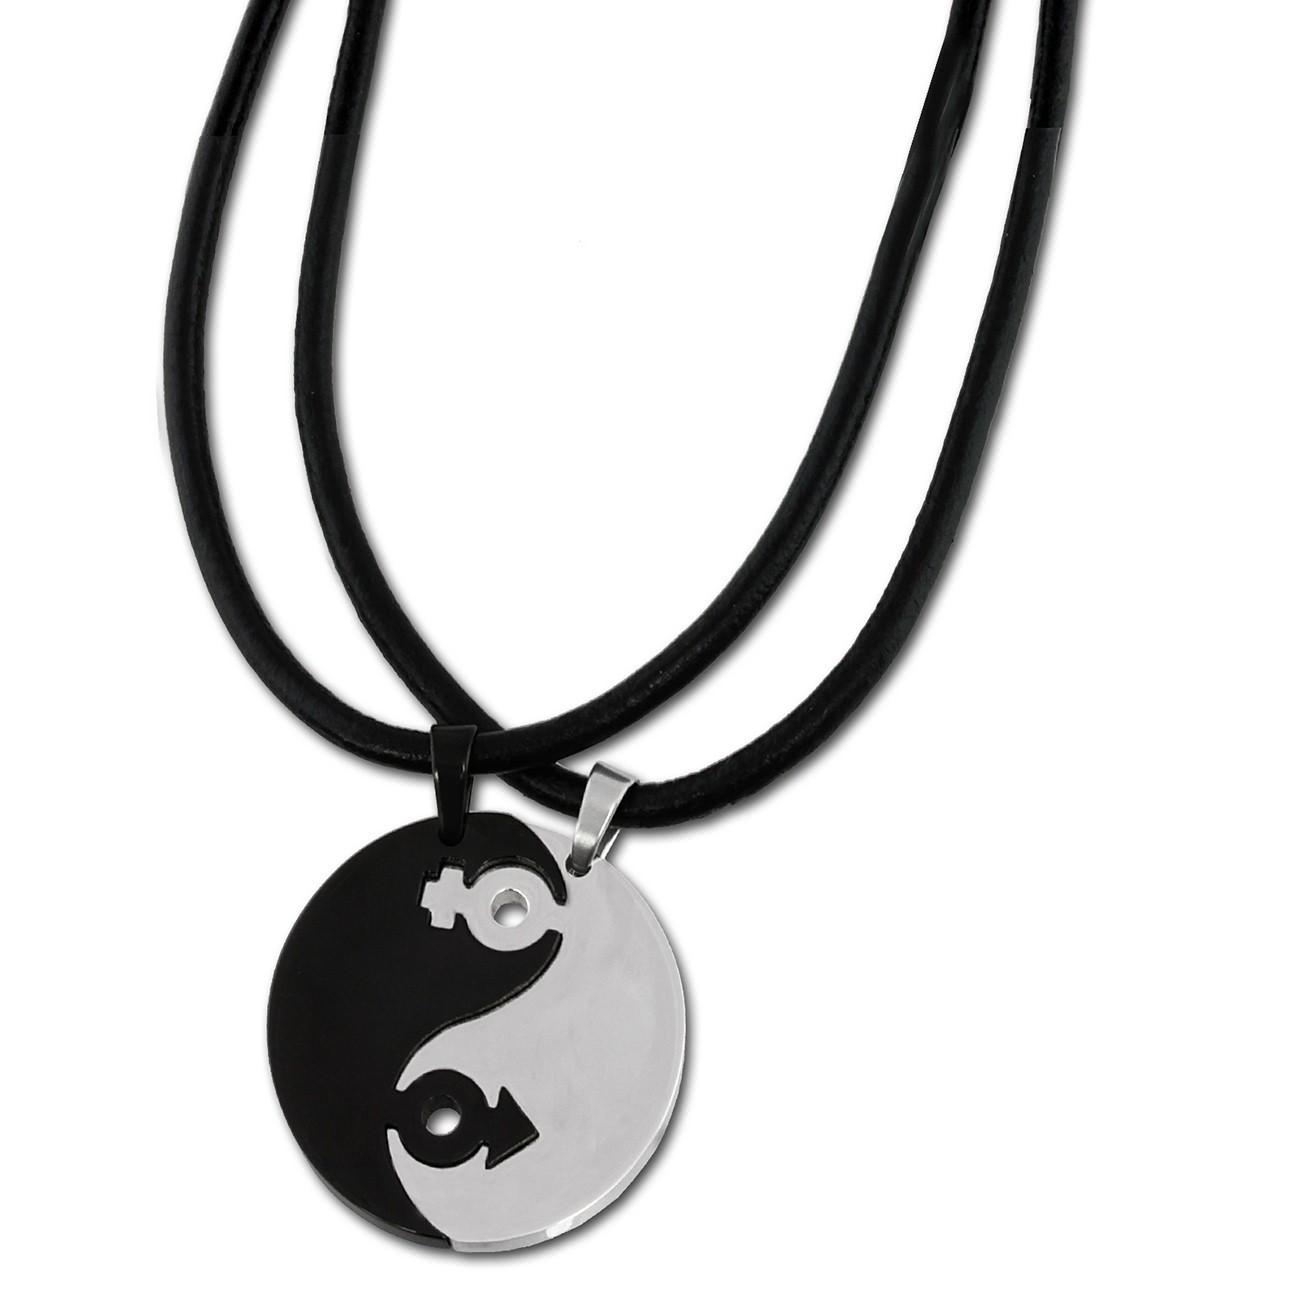 Amello Halsketten-Set YinYang schwarz/weiß Edelstahlschmuck Unisex ESK001S